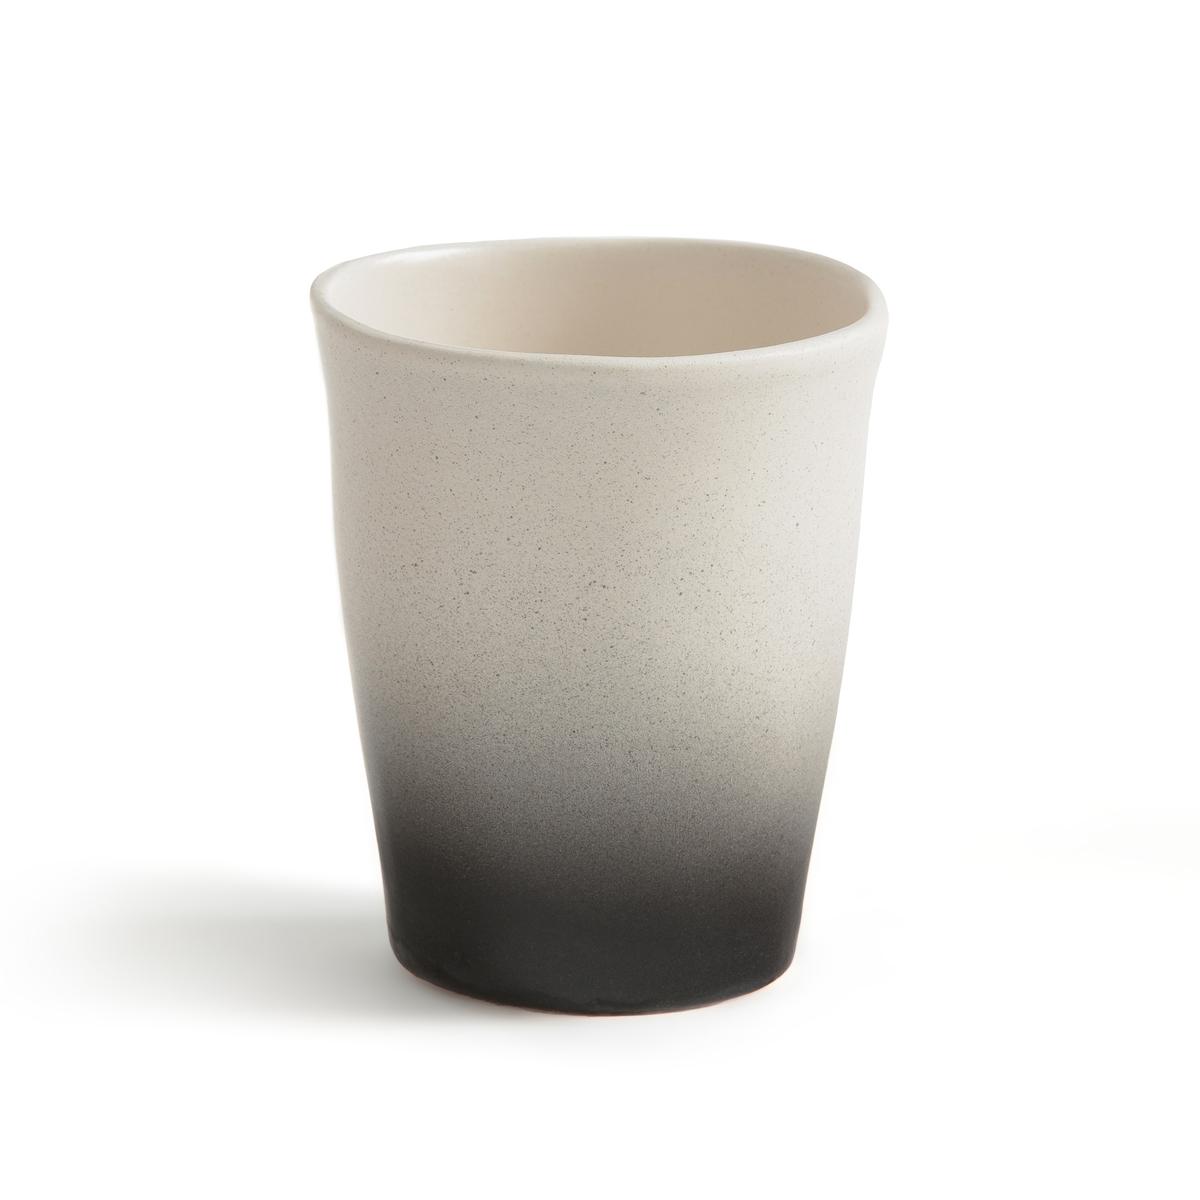 Комплект из 4 кофейных чашек из фаянса, Asaka, дизайн В. Барковски4 кофейные чашки Asaka. Творение Валери Барковски эксклюзивно для AM .PM коллекция предметов для стола, созданная под вдохновением от ее путешествий в Индию или Марокко, с оригинальными рисунками и формами, из натуральных материалов и текстуры ткани без отделки.Аутентичность и неподвластность времени - его ключевые слова, его творения отлично подходят для создания качественных товаров, неподвластных моде, сочетающих простоту, оригинальность и ручное производство.Без ручки для большей легкости, из фаянса, покрытого глазурью, с оригинальной отделкой: верх с гладкой поверхностью белого цвета и низ с необработанной и слегка шероховатой поверхностью черного цвета. Характеристики : - Из фаянса, покрытого глазурью- Можно использовать в микроволновой печи и мыть в посудомоечной машине. - Объем 200 мл.Размеры : - диаметр 7,5 x высота 9 см<br><br>Цвет: черный/ белый